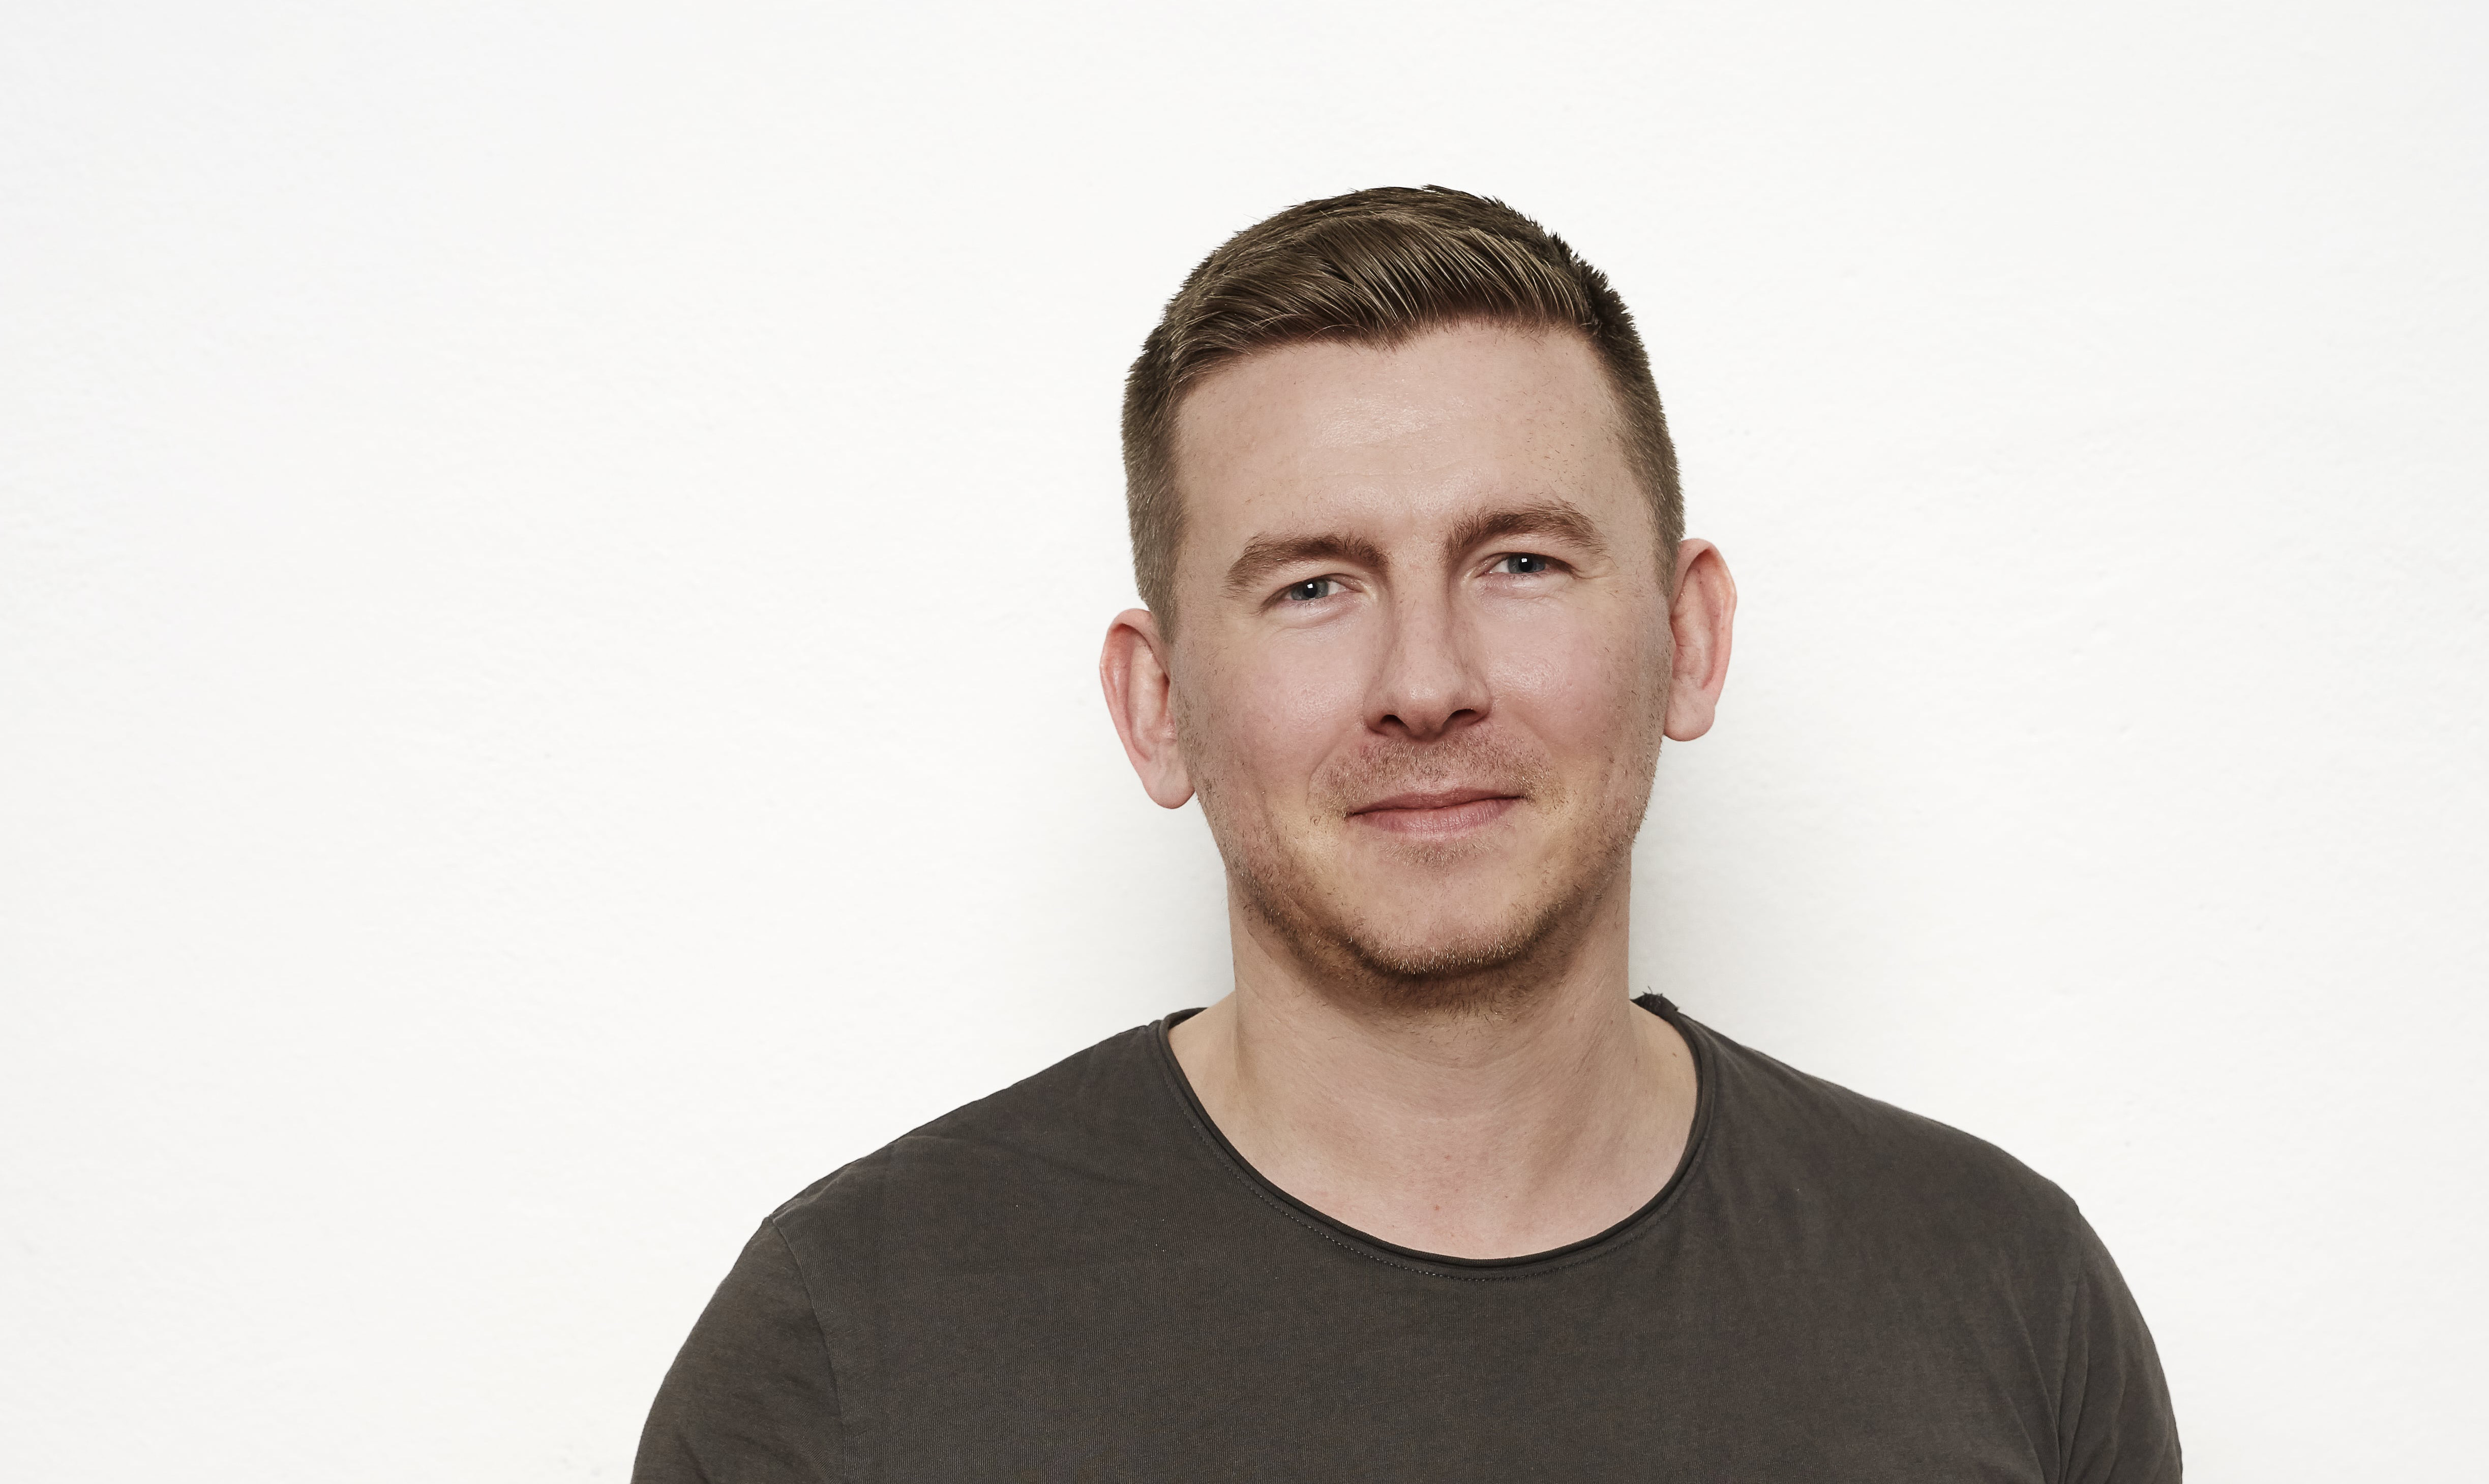 LINUS Digital Finance gewinnt FinTech-Experten Martin Cichowski als neuen Head of Product & Technology